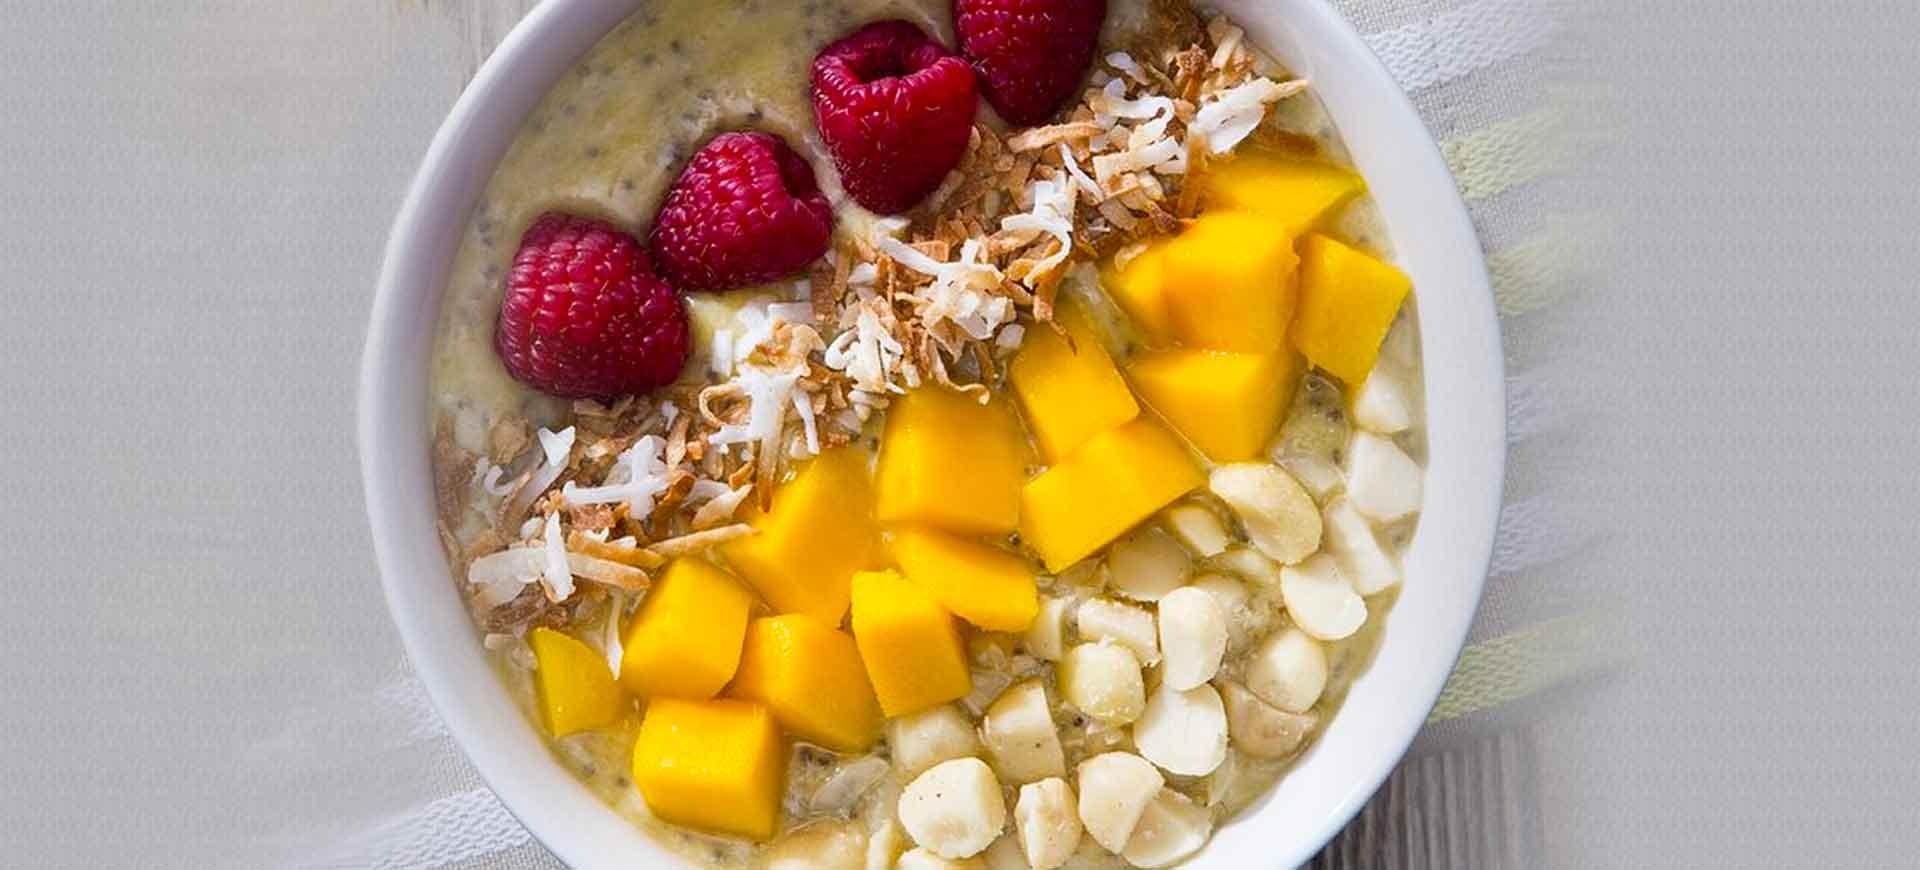 Hawaiian smoothie bowl